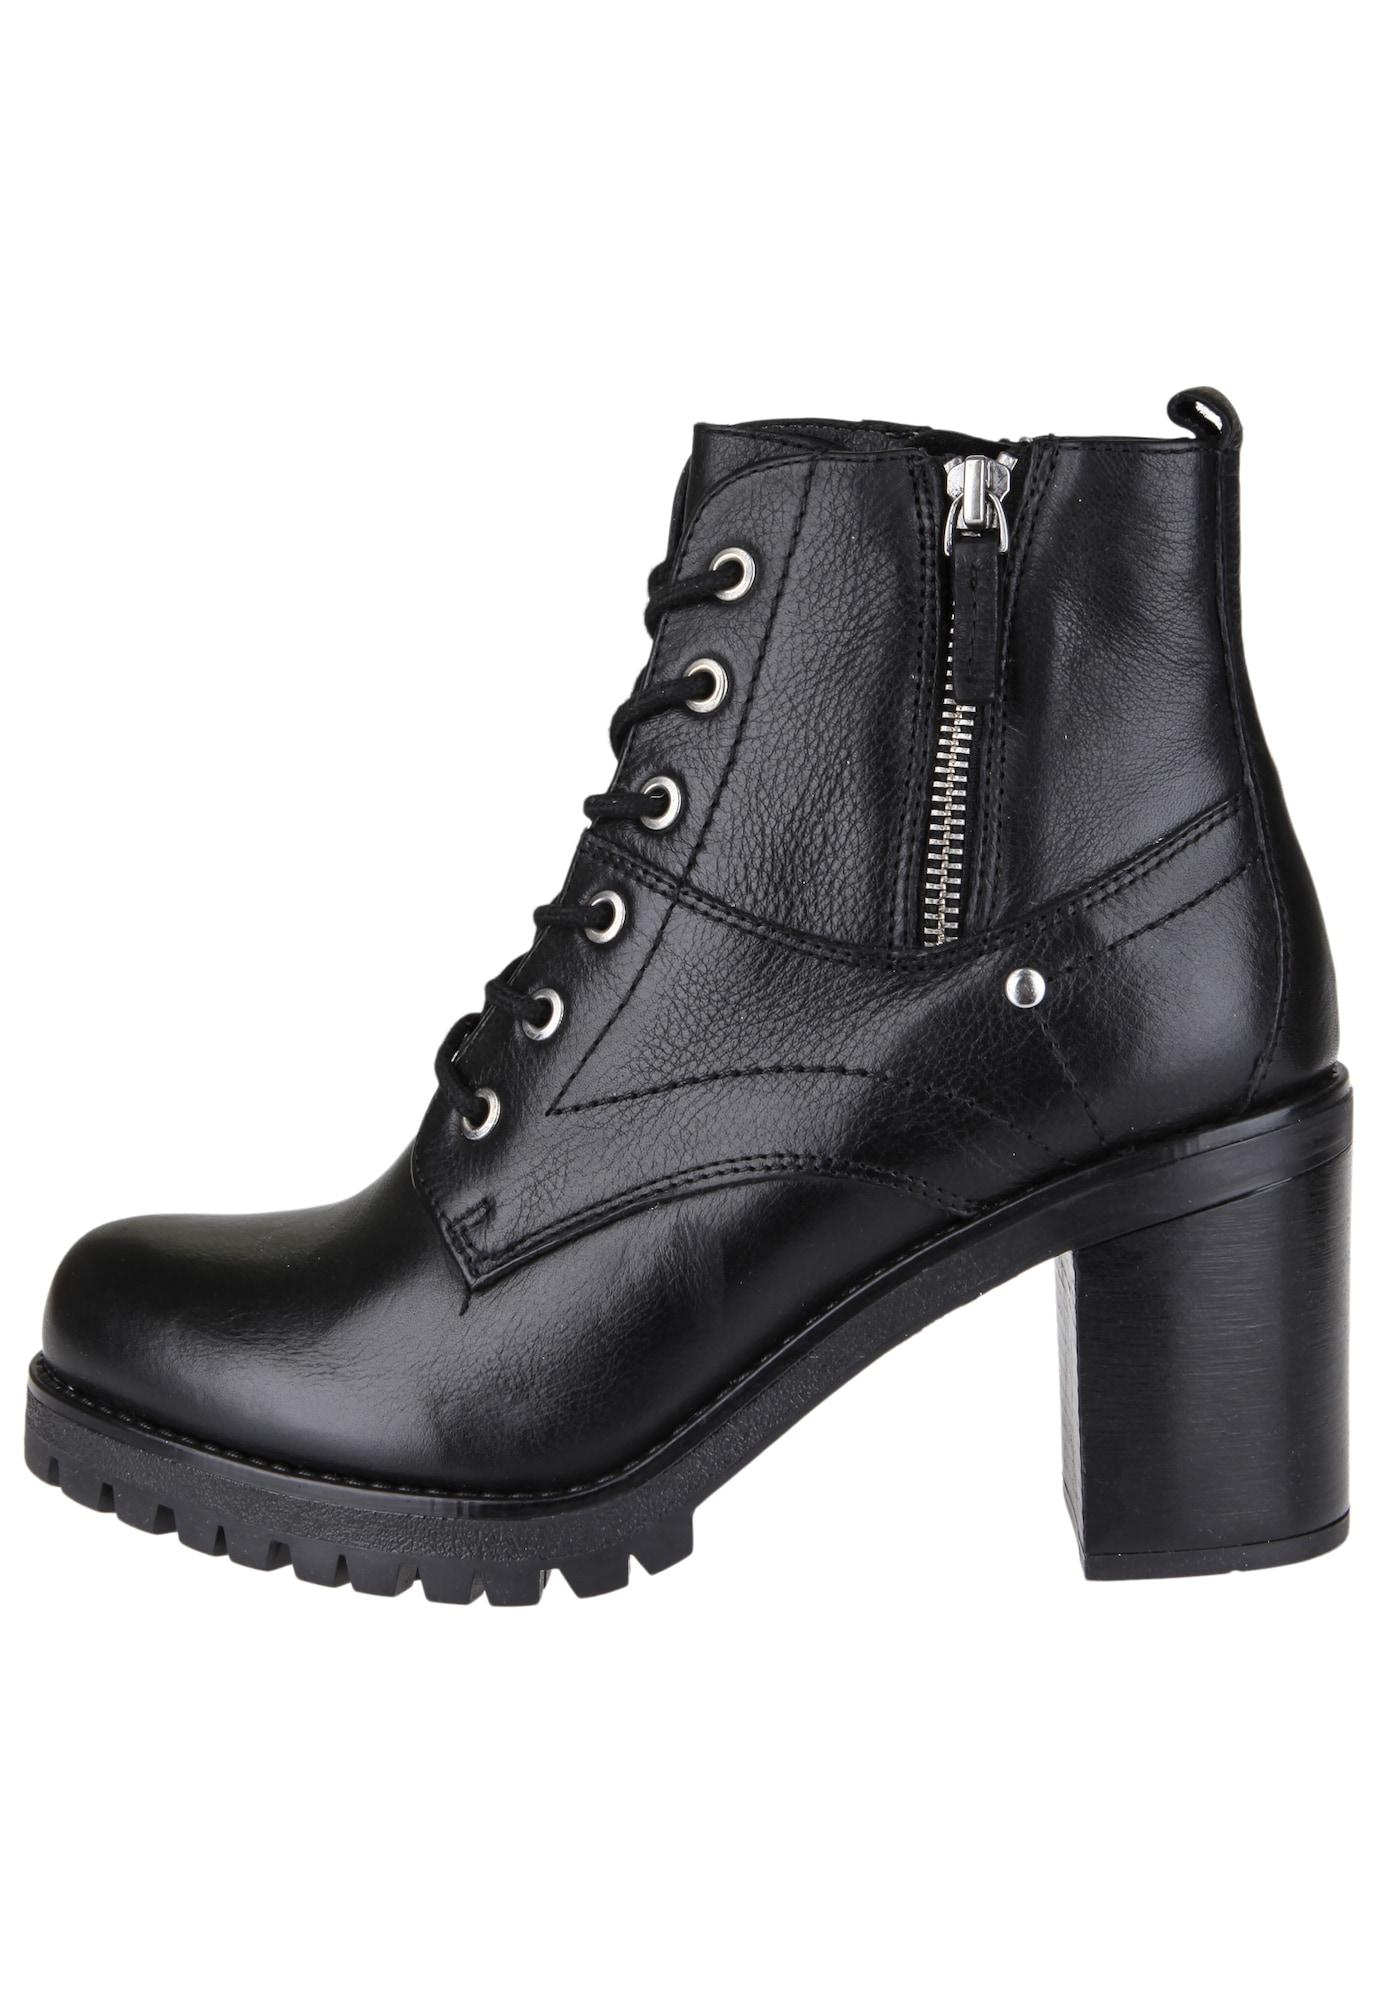 Plateau-Stiefelette zum Schnüren   Schuhe > Stiefeletten > Plateaustiefeletten   COX